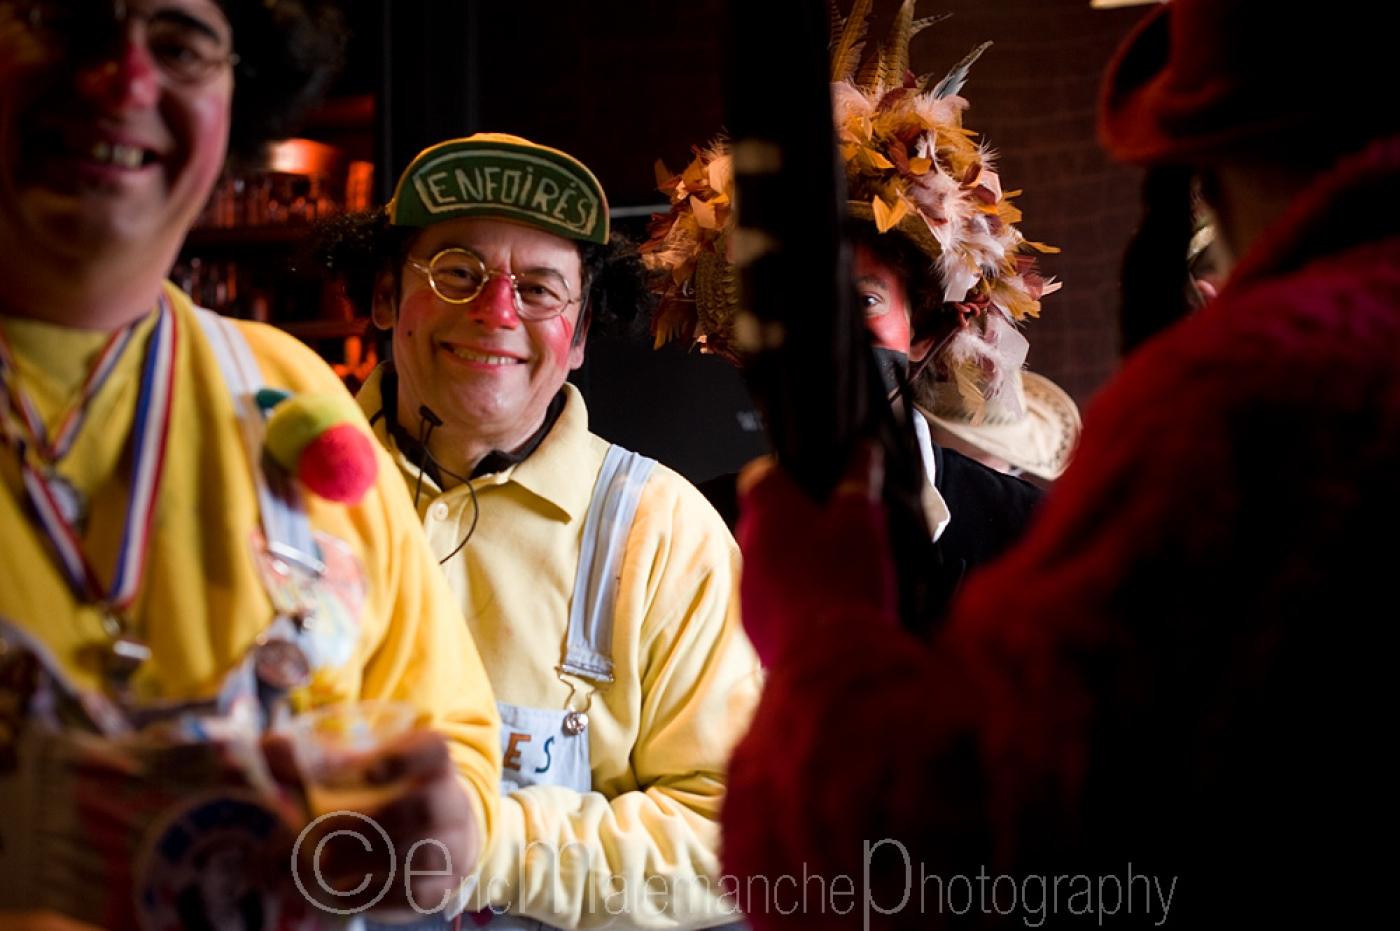 http://www.ericmalemanche.com/imagess/topics/carnaval-de-dunkerque/liste/Carnaval-Dunkerque-0216.jpg